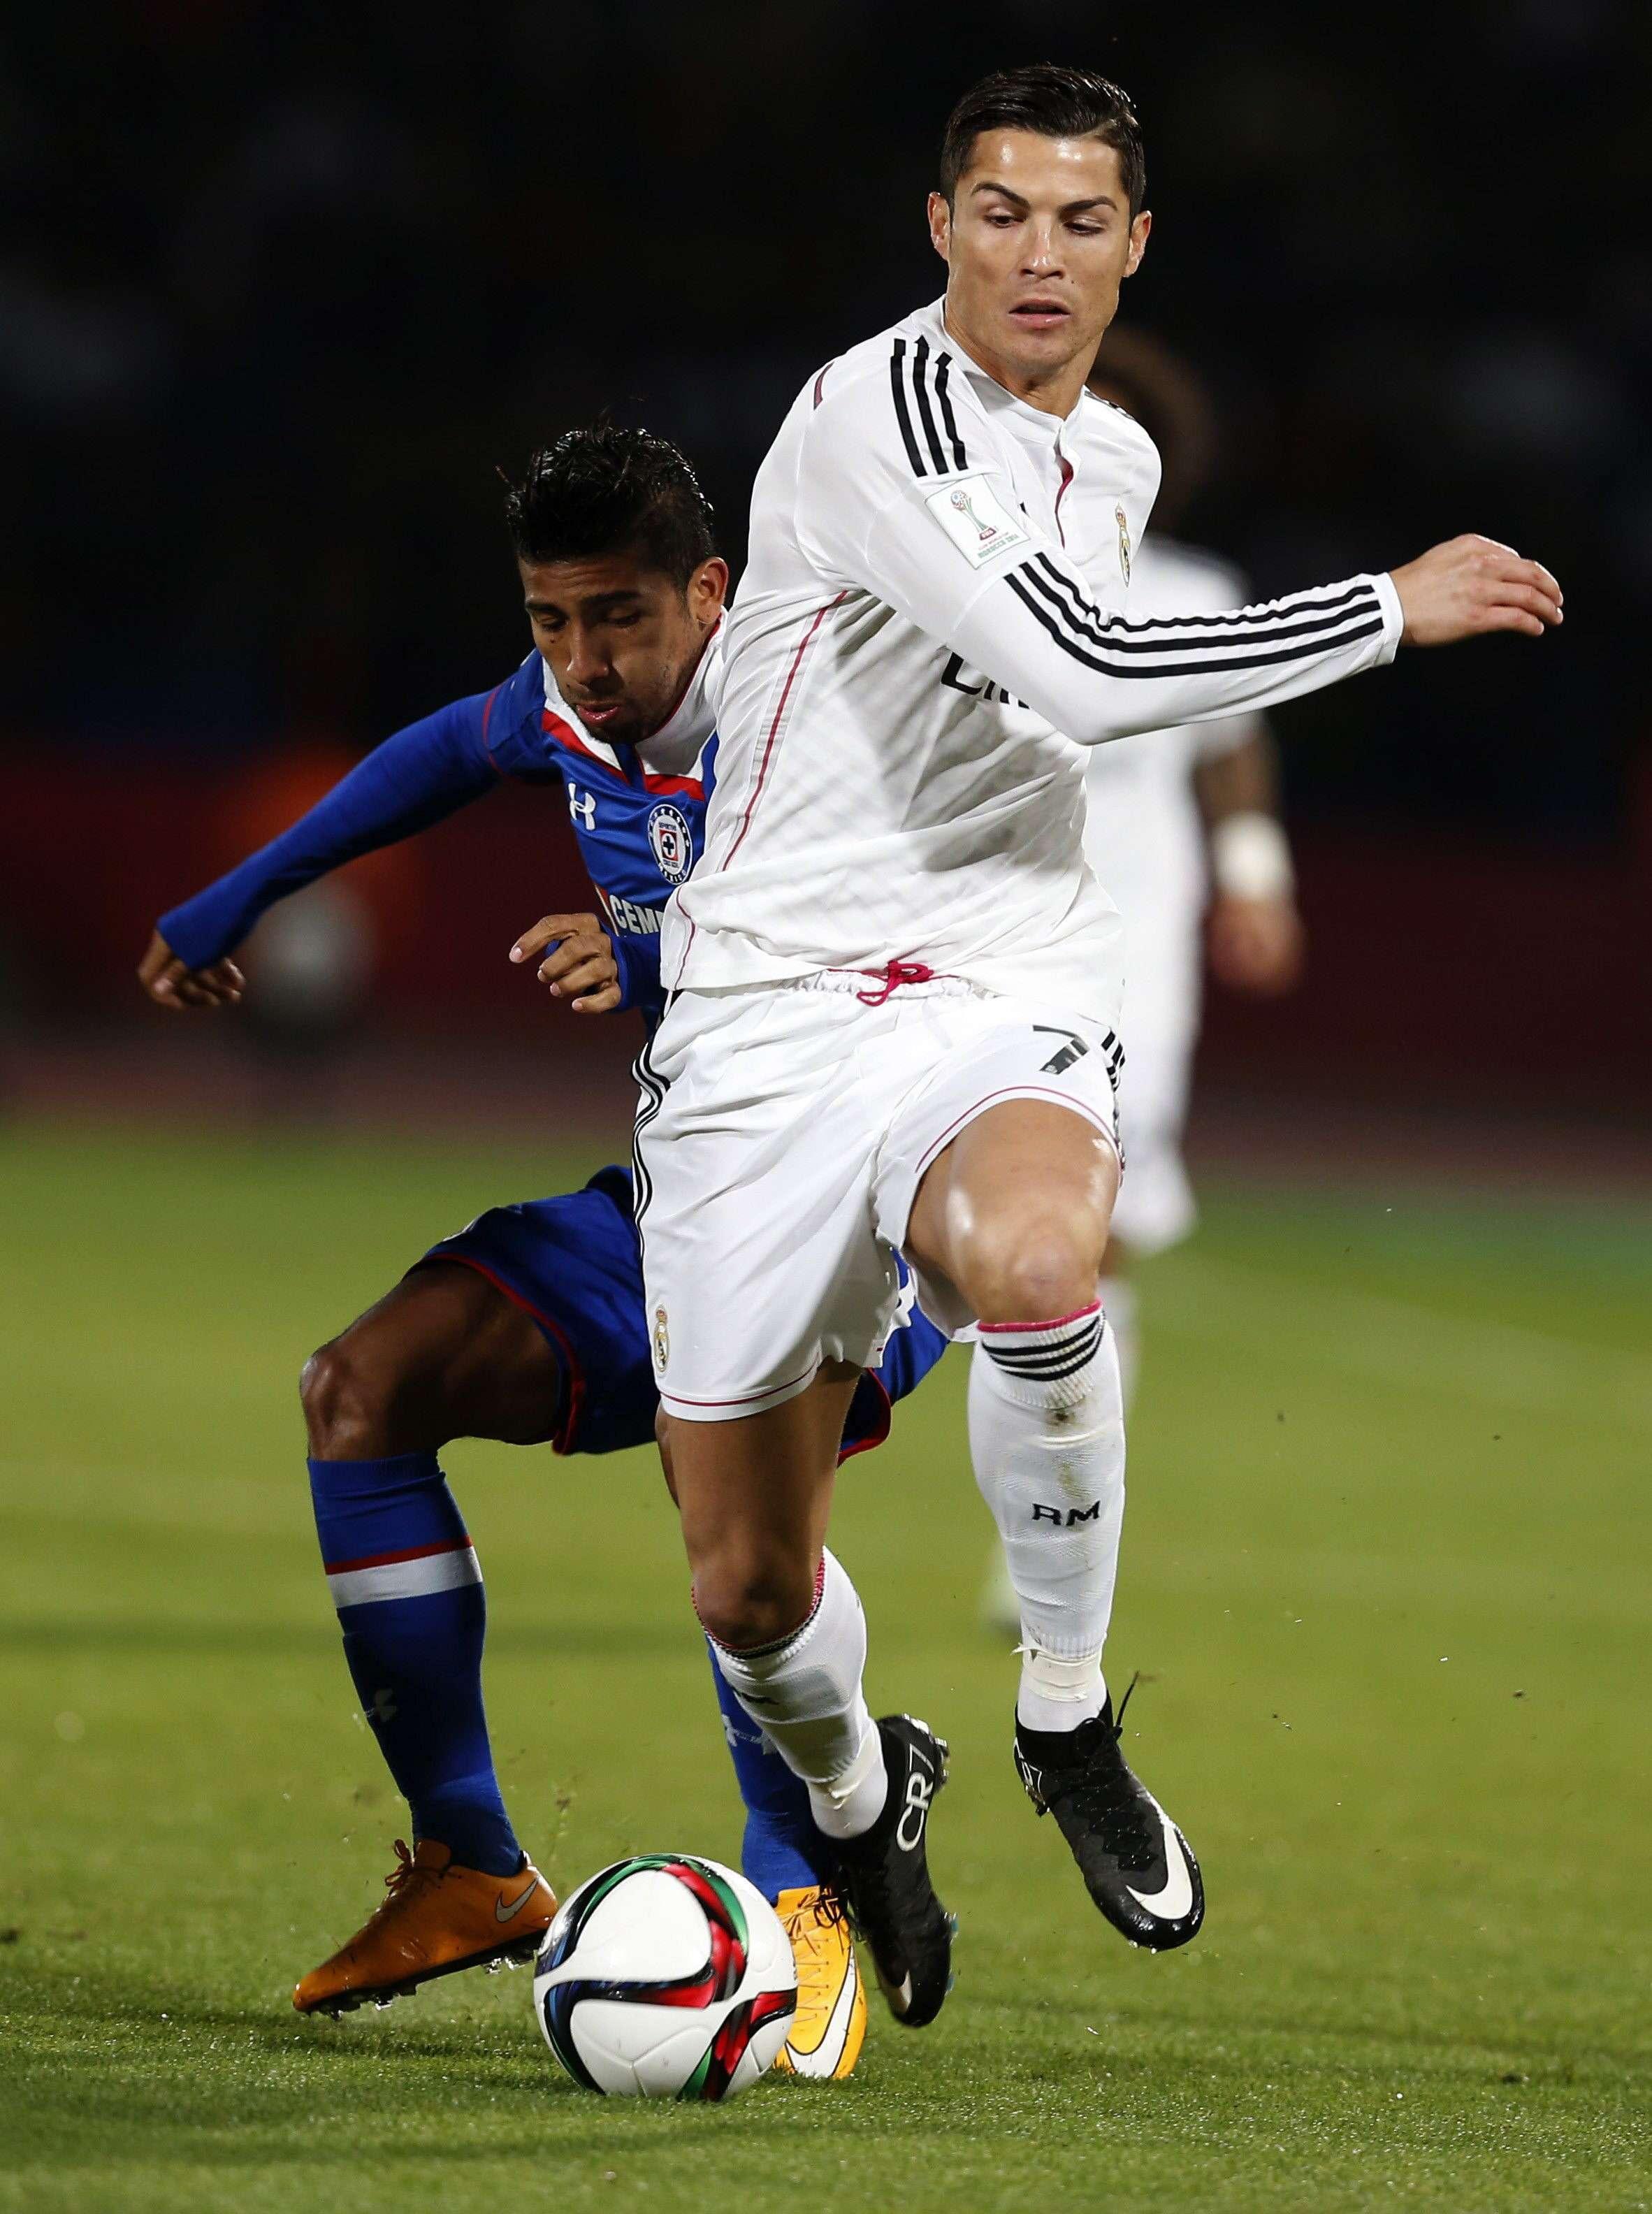 Cristiano Ronaldo tenta jogada em Marrakech Foto: Chema Moya/EFE